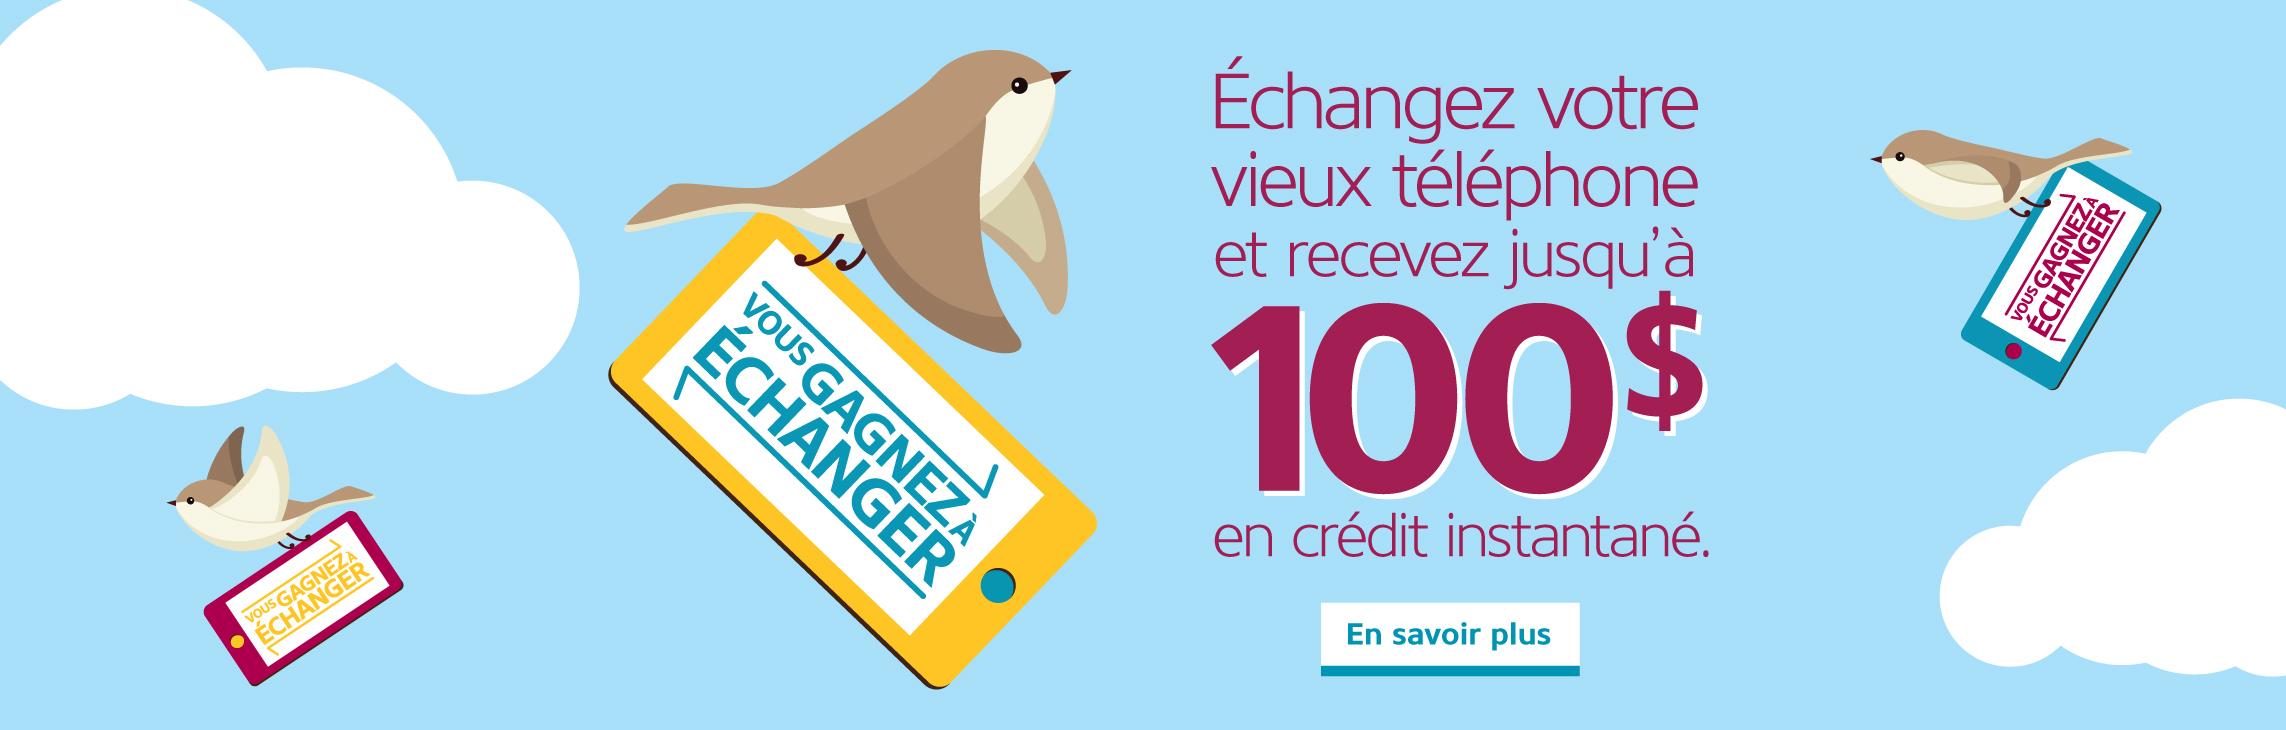 Échangez votre vieux  téléphone et recevez  jusqu'à 100 $ en crédit instantané.